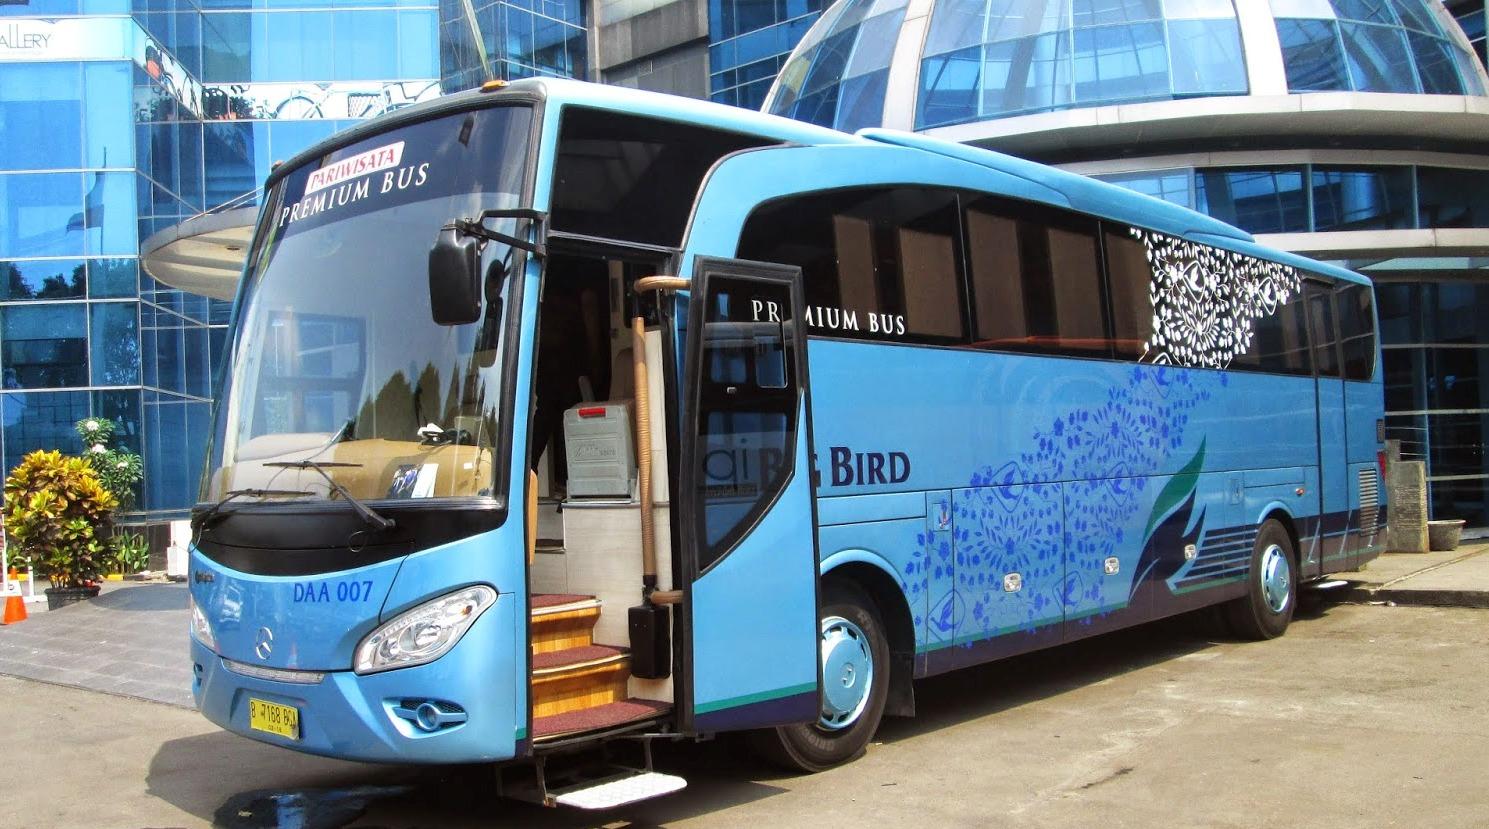 Luxury Premium Bus dari Big Bird - Ini 5 Bus Angkutan Umum Termewah di Indonesia